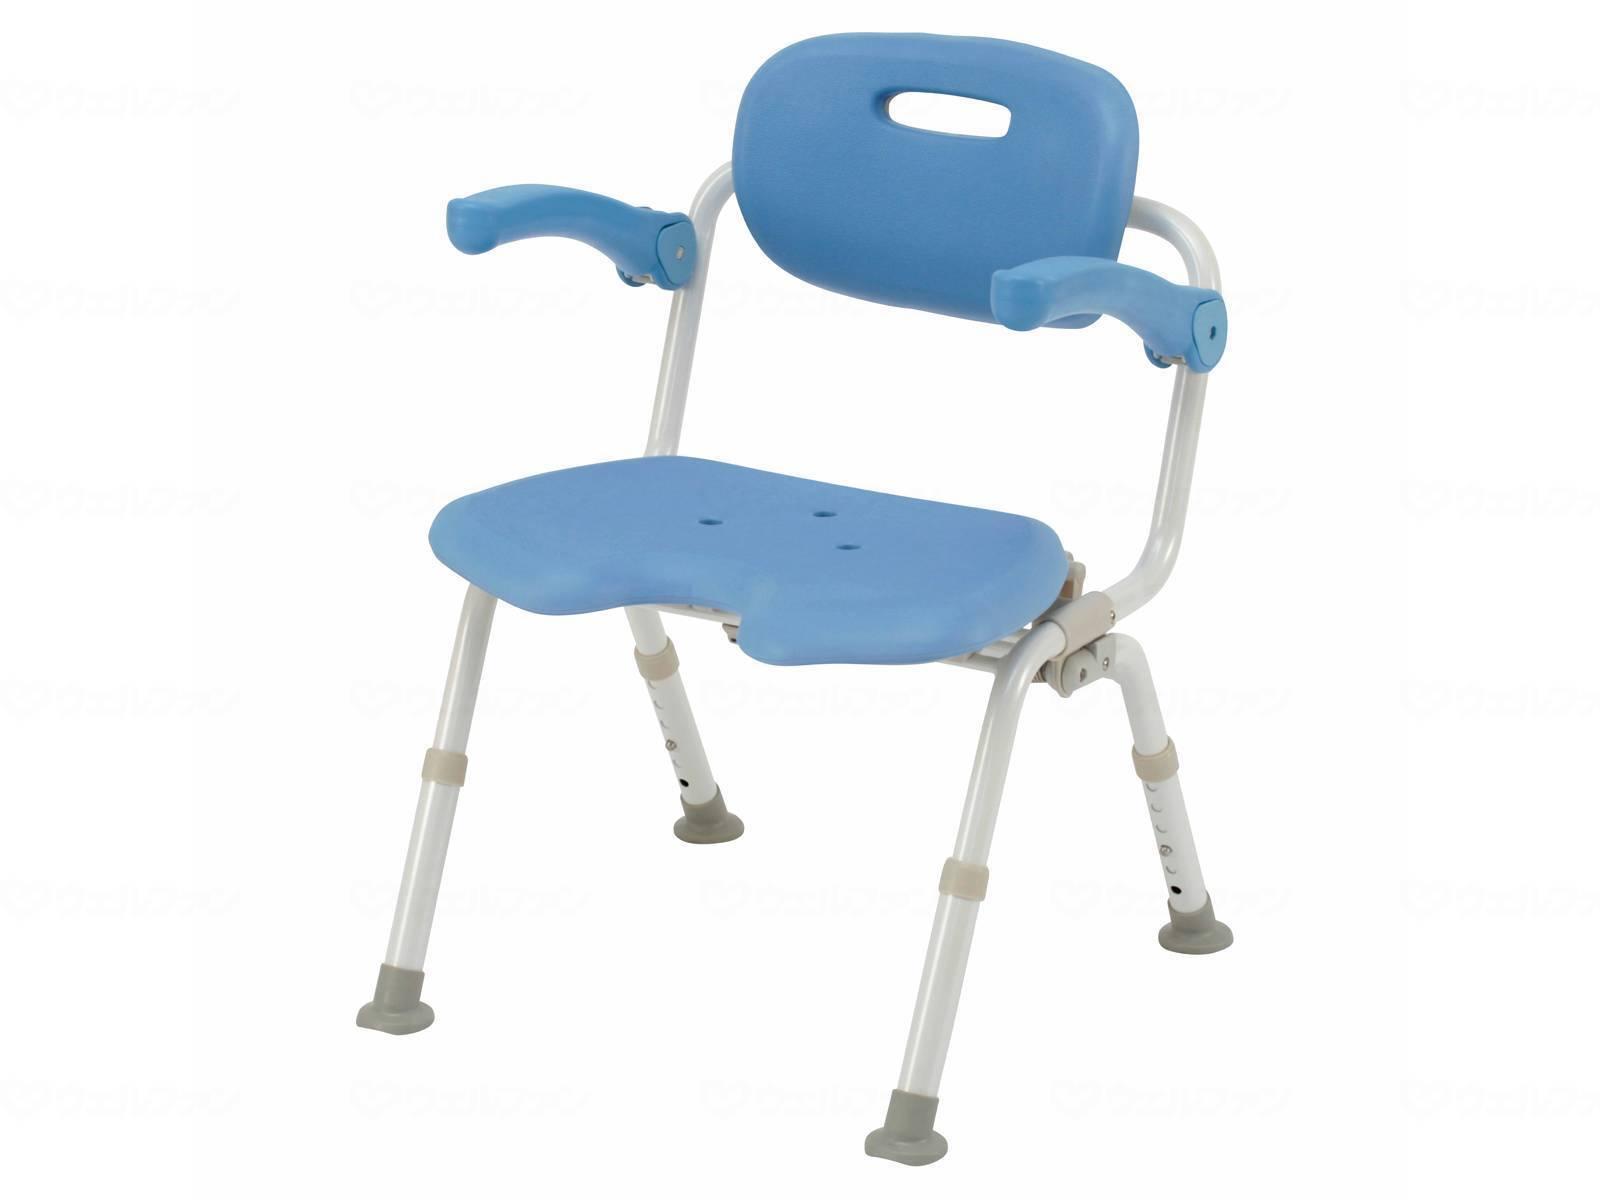 パナソニックエイジフリーシャワーチェア ユクリアワイドSPワンタッチおりたたみN U型オレンジ・ブルー・モカブラウンPN-L41521D・PN-L41521A・PN-L41521BR[介護 ケア サポート 介護用品 通販 風呂 椅子 いす]